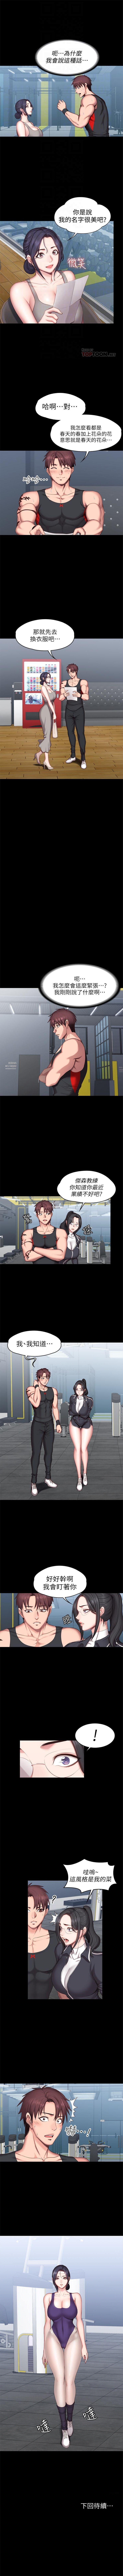 健身教練 1-56 官方中文(連載中) 311